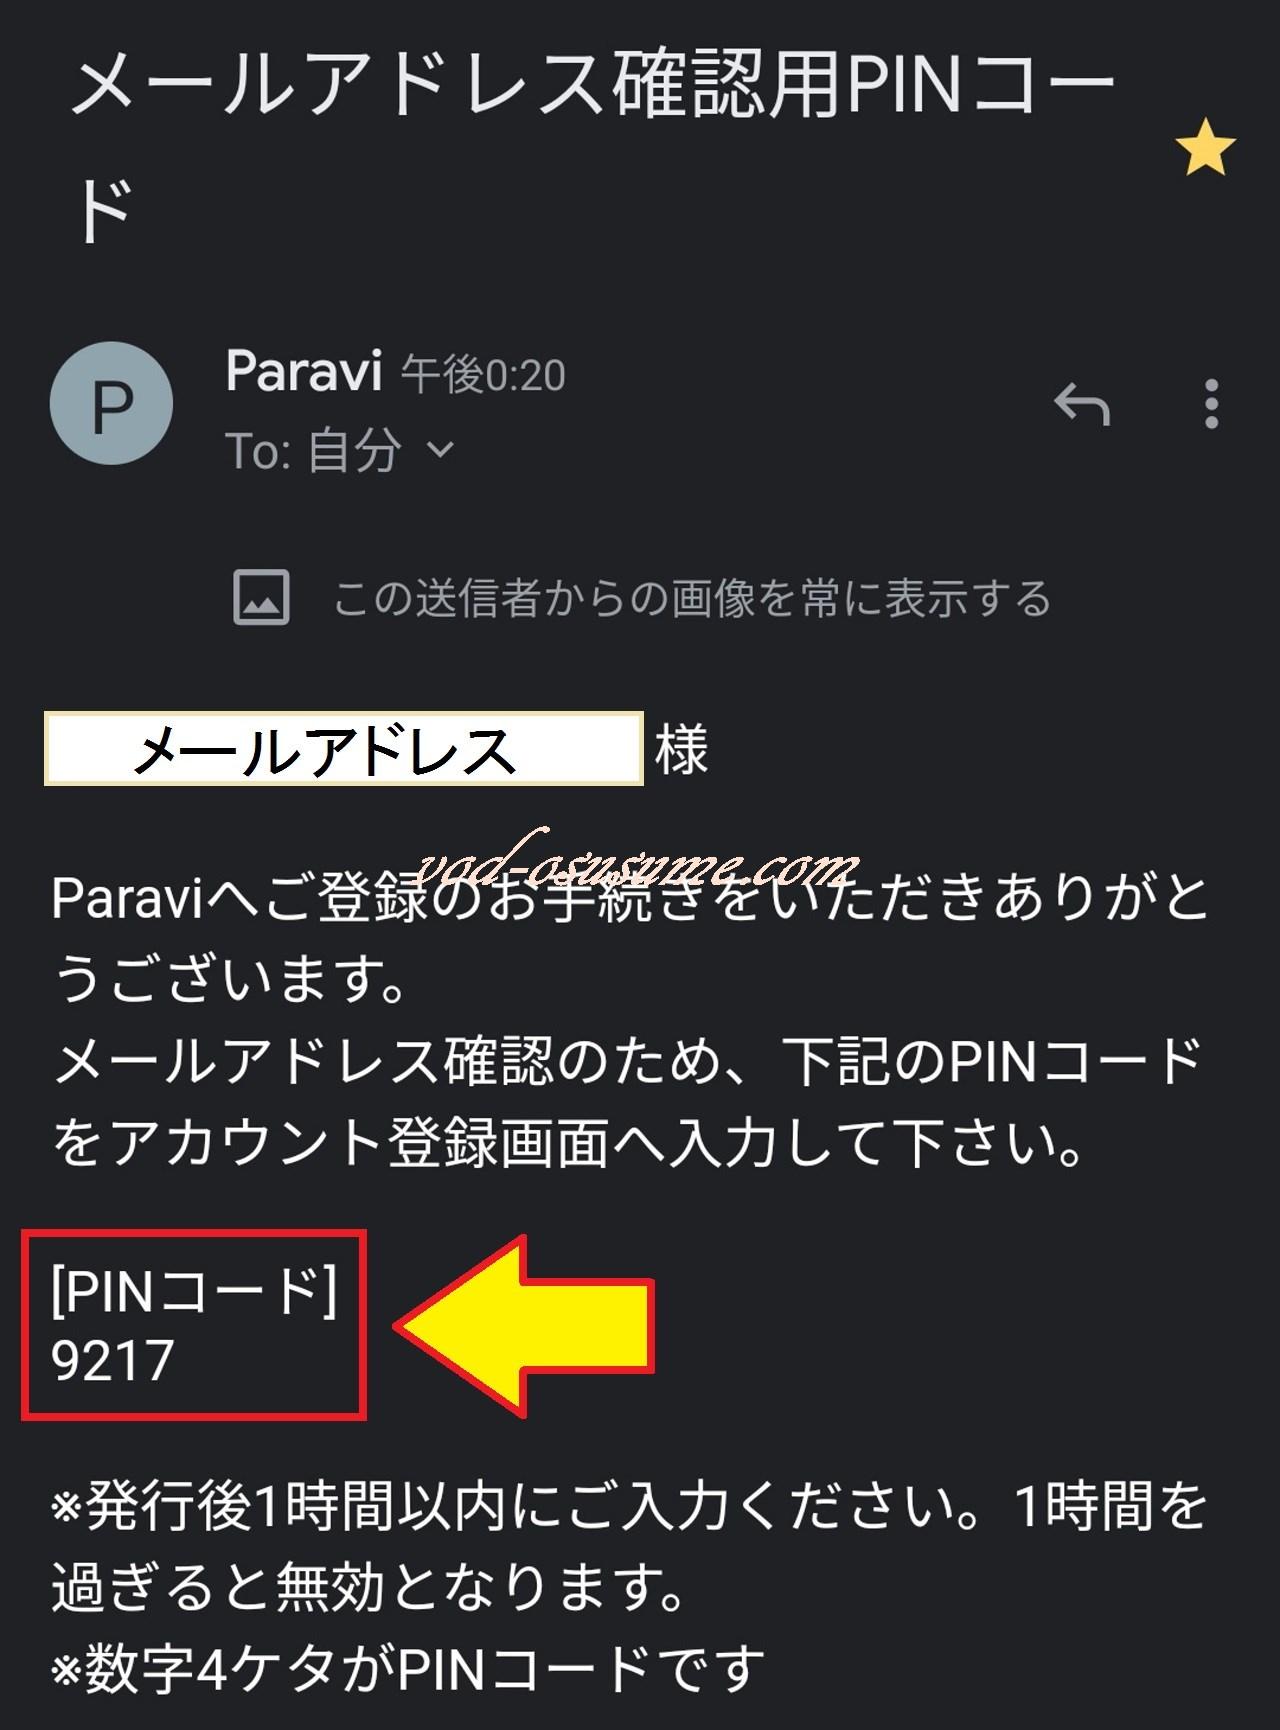 受信したメールでPINを確認する